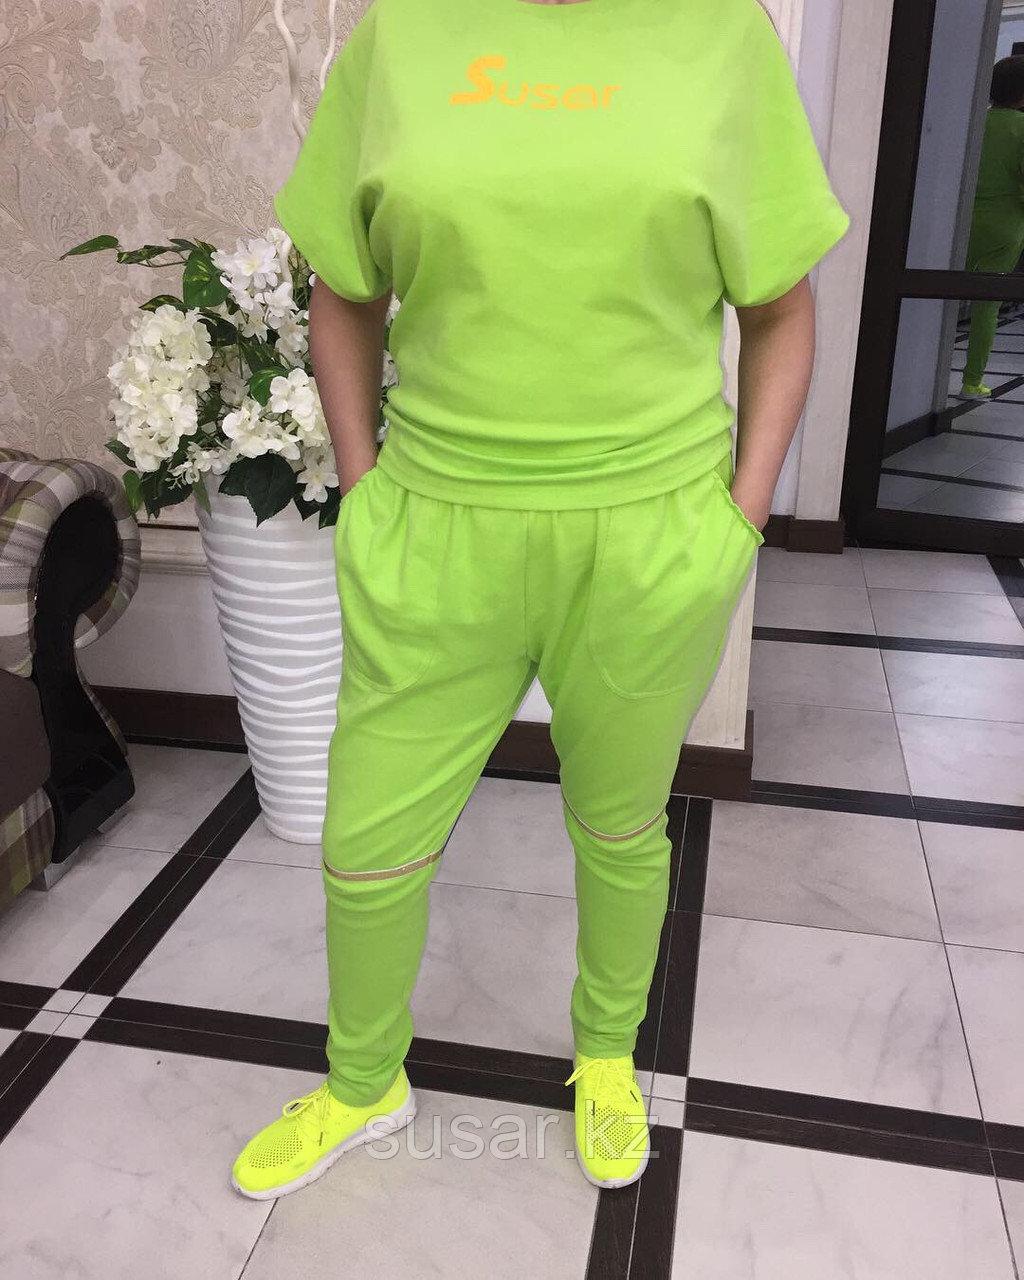 Летний женский костюм спортивного стиля от Susar